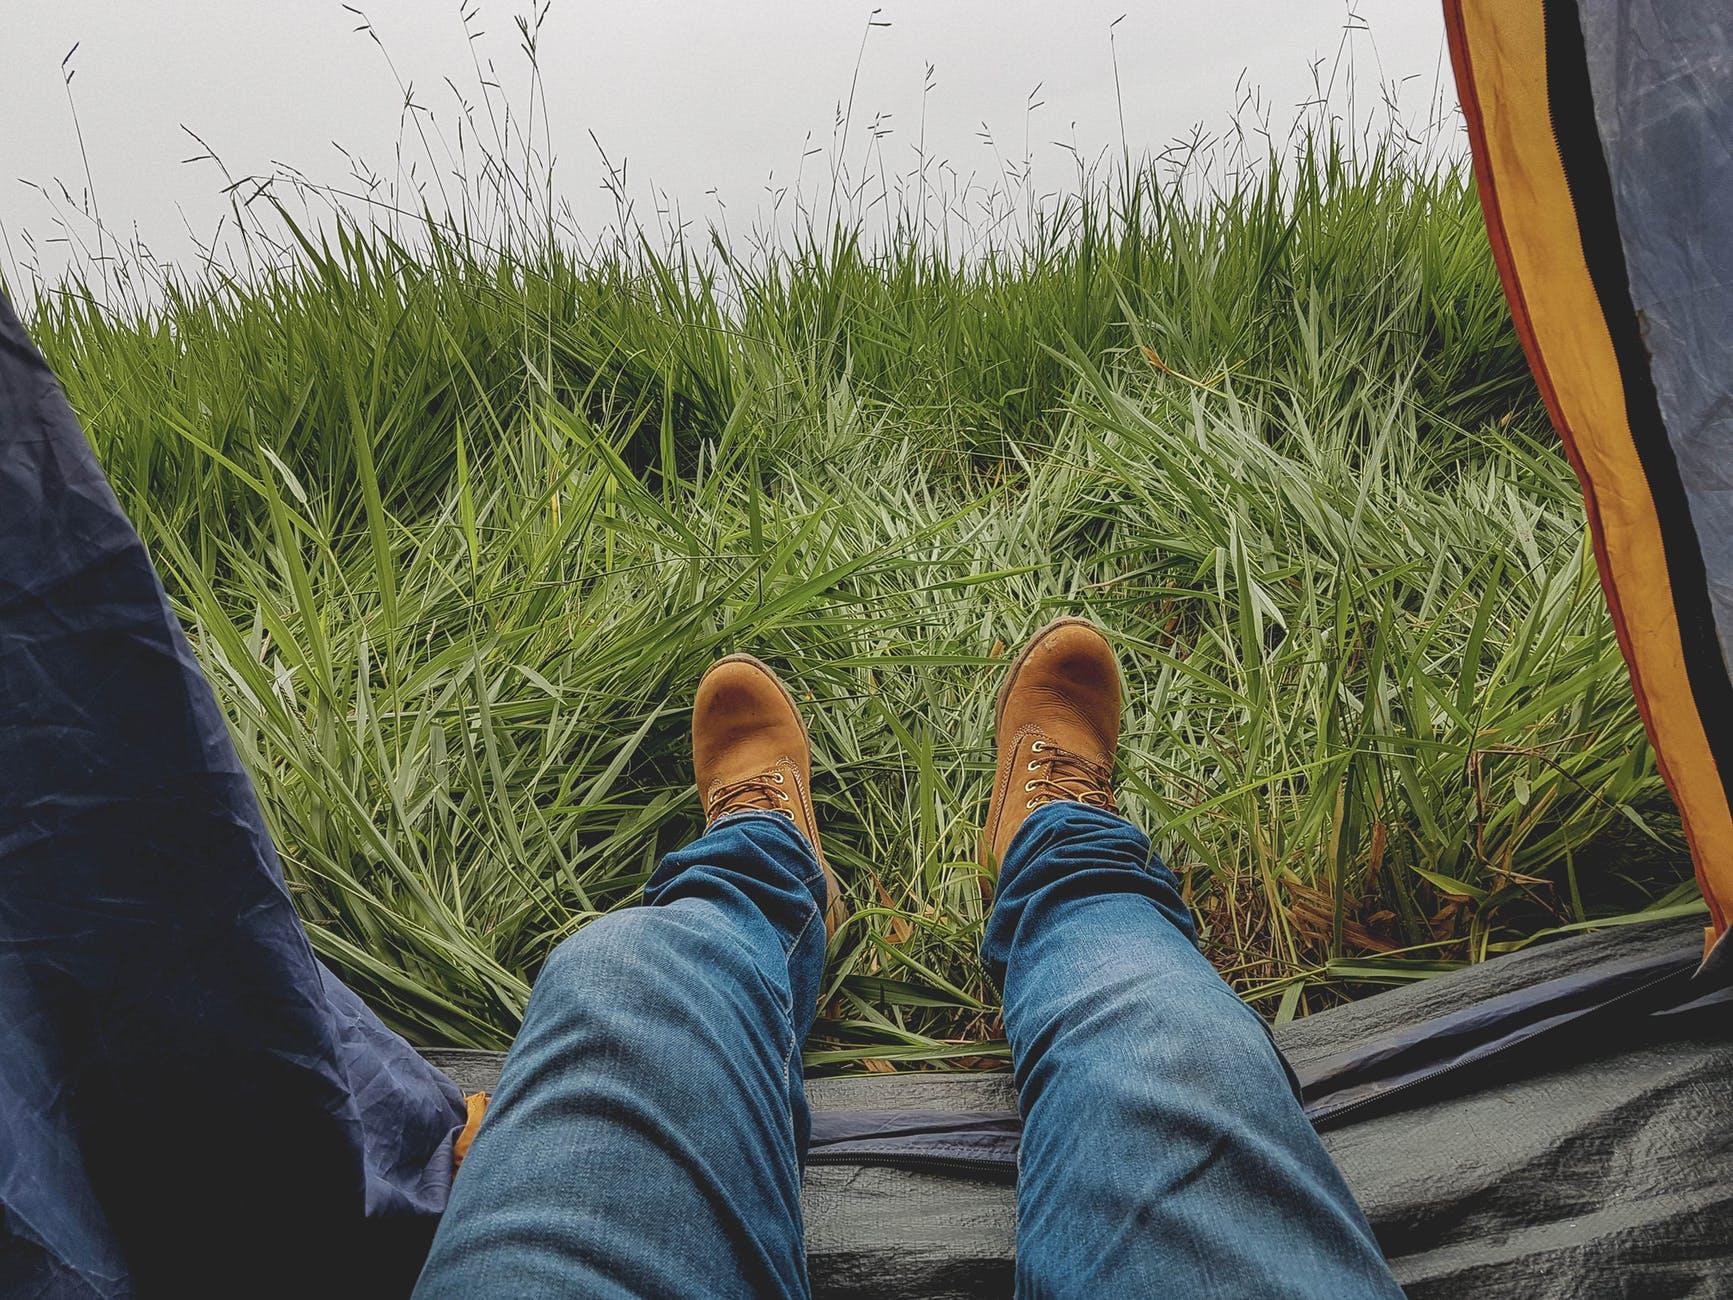 Lugares para acampar seguro cerca de la cdmx